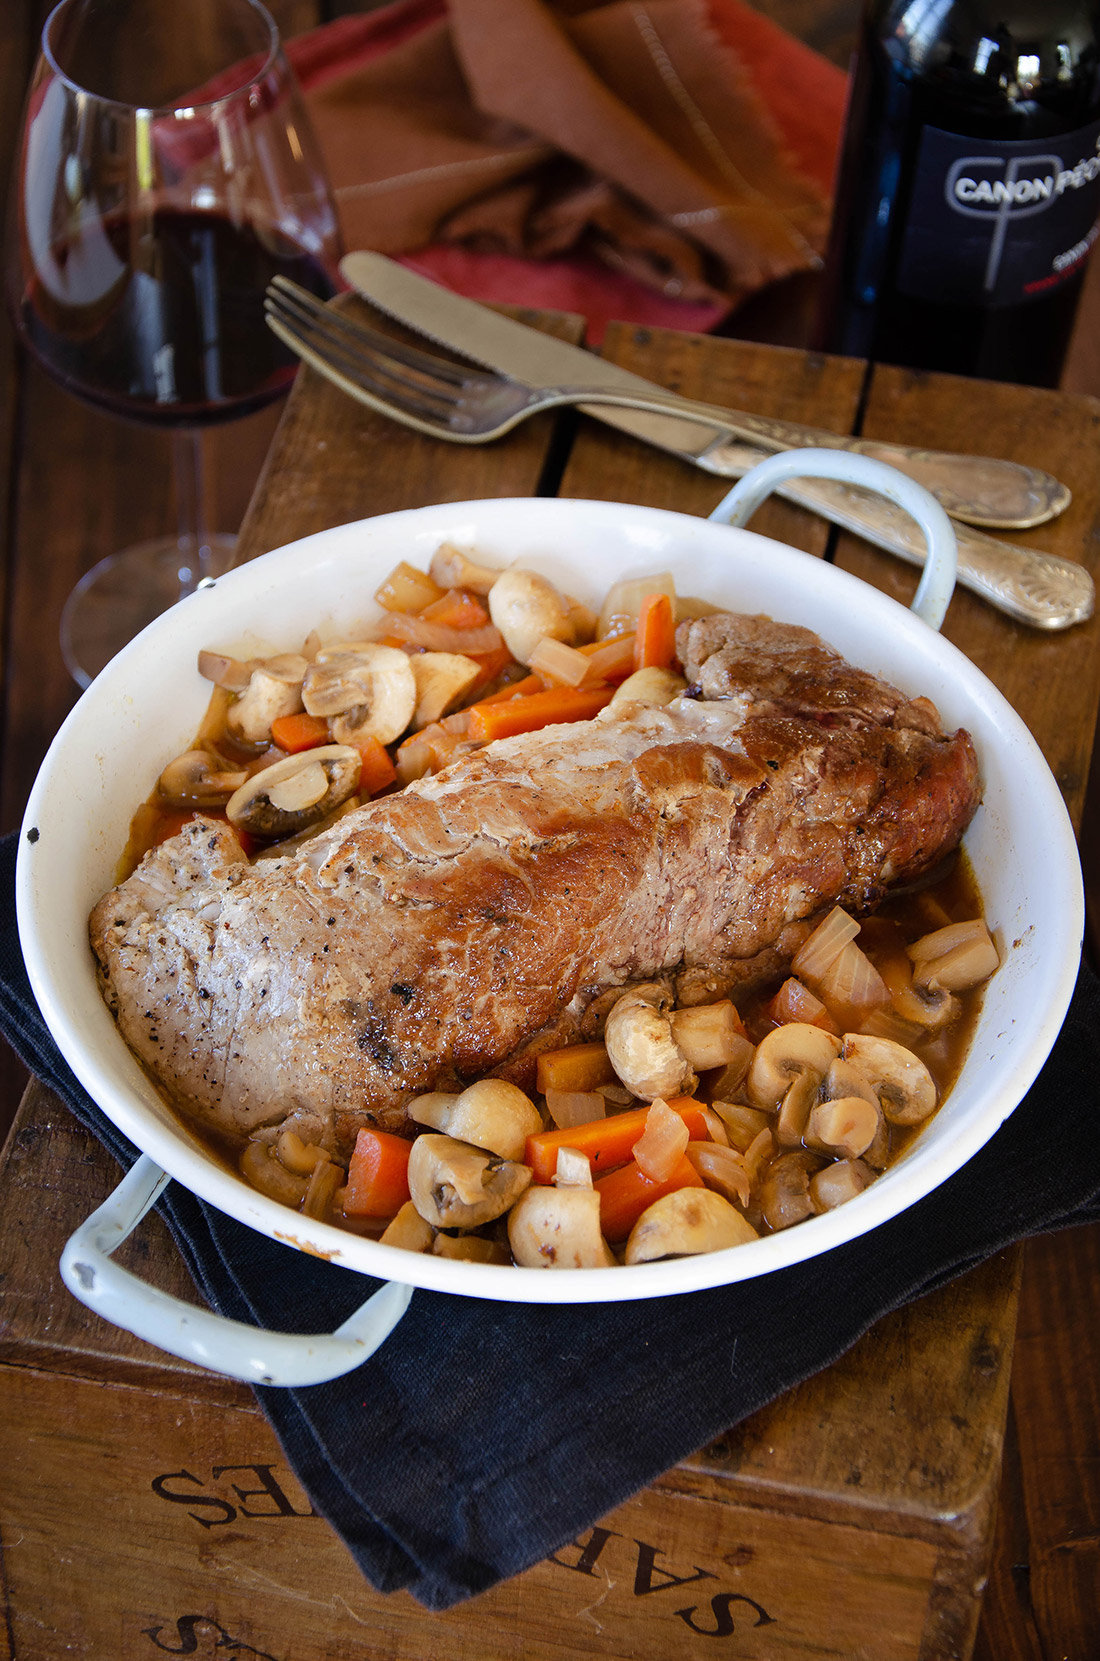 Recette de filet mignon aux champignons, un plat facile à cuisiner